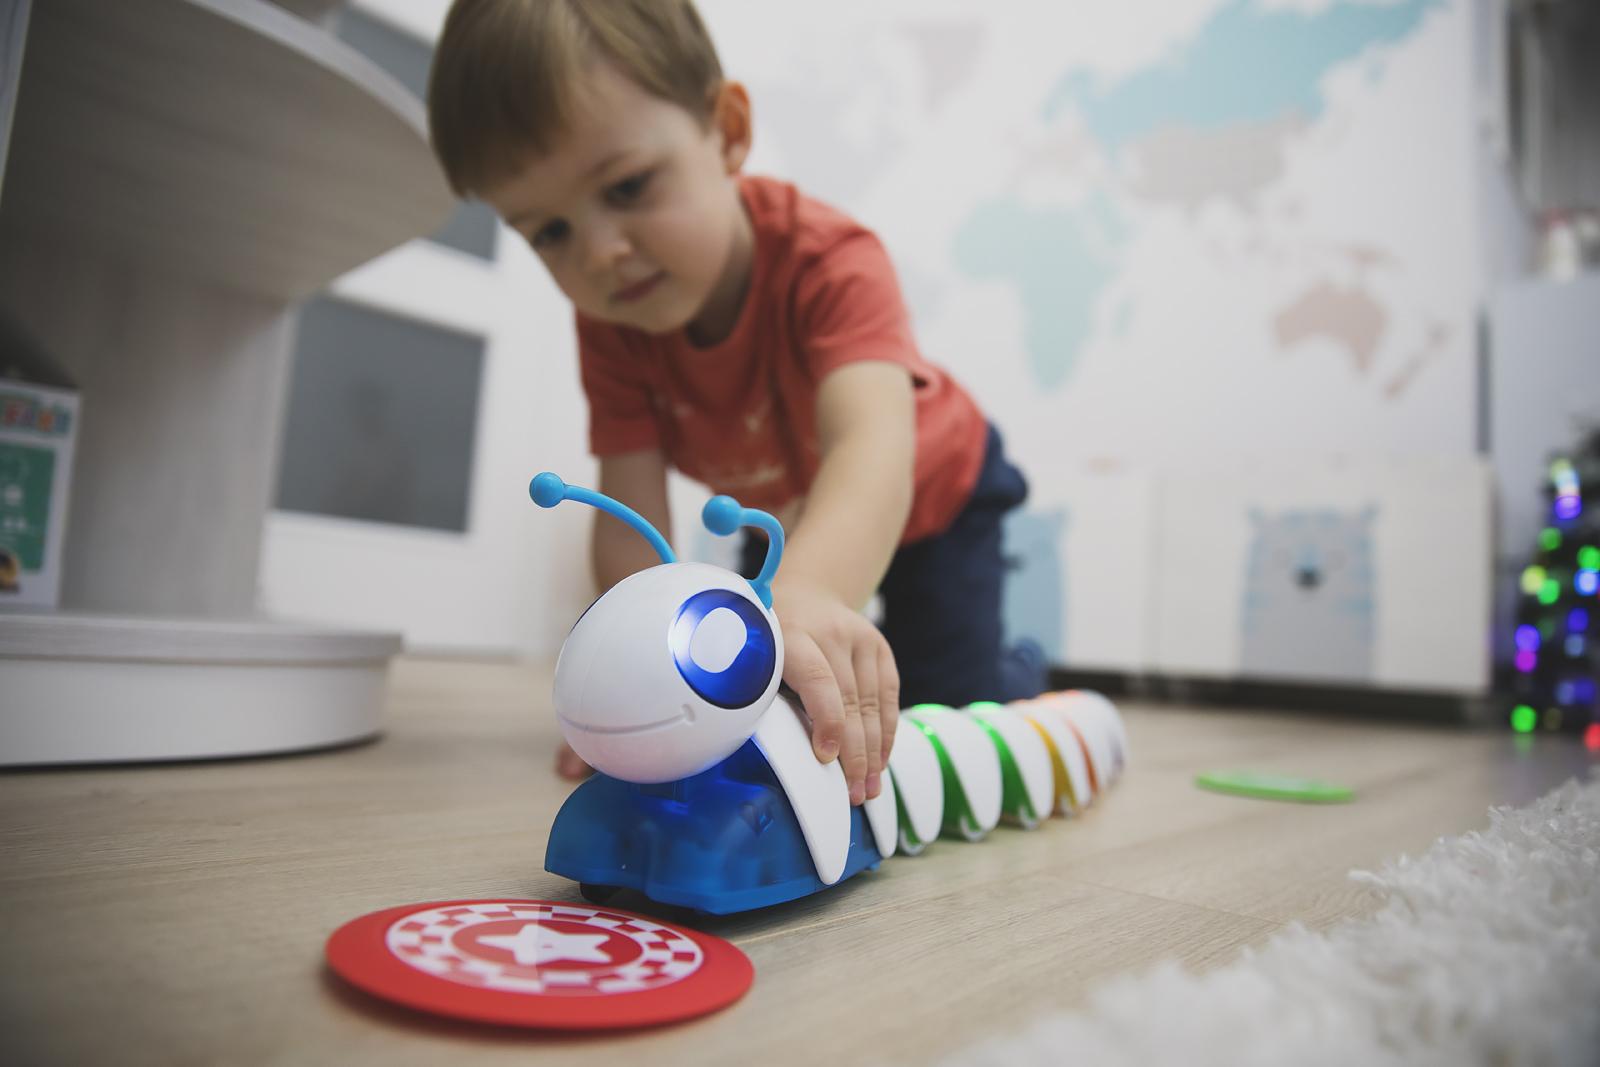 fisher-price-gasienica-programowanie-zabawka-blog-23